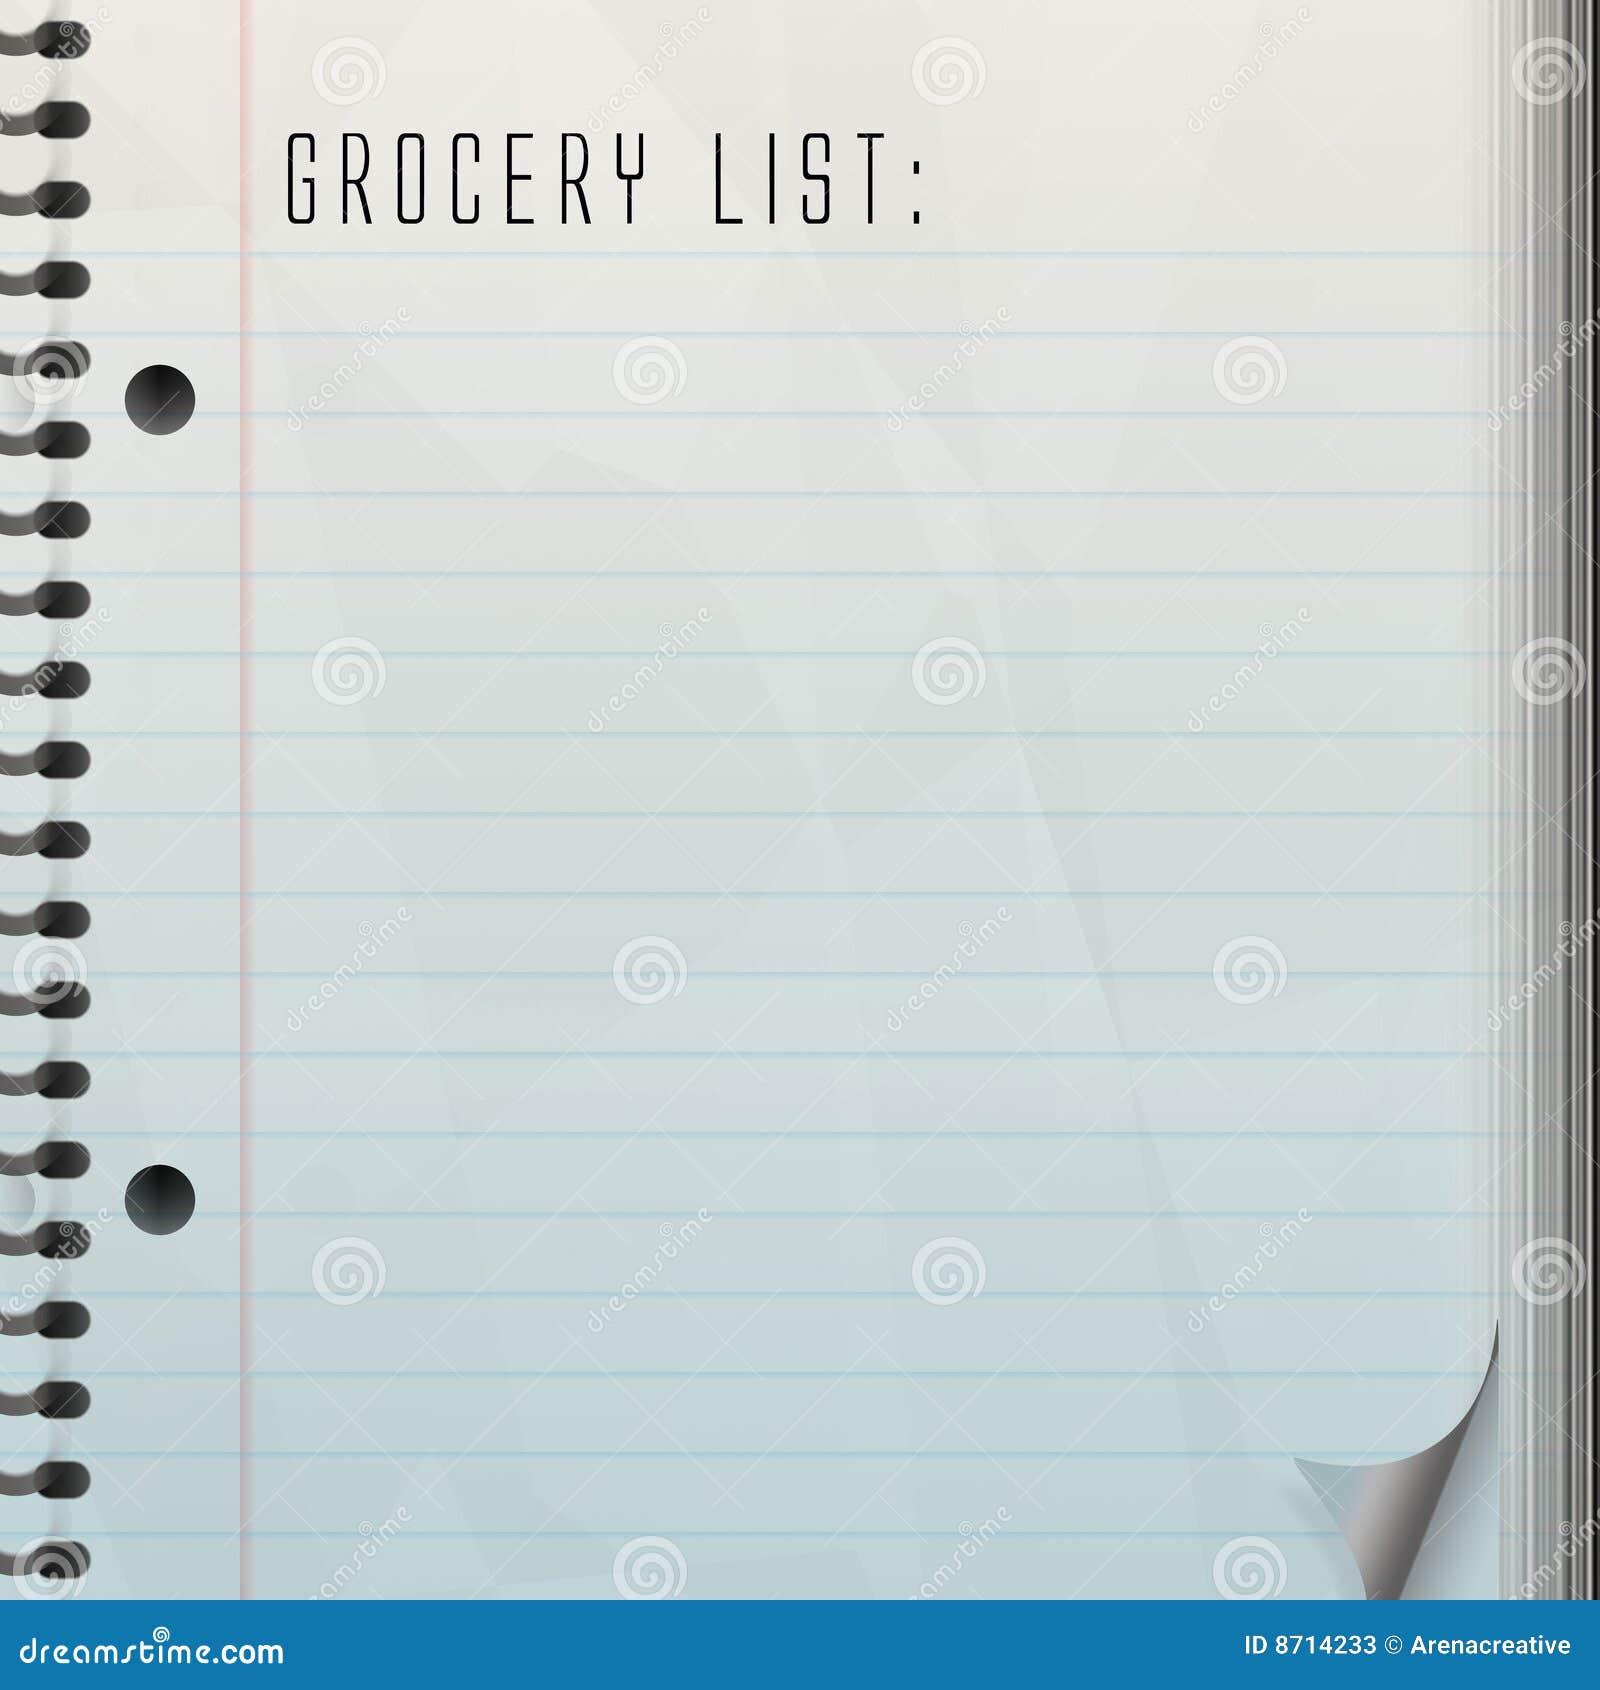 Blank Grocery List Blank grocery list